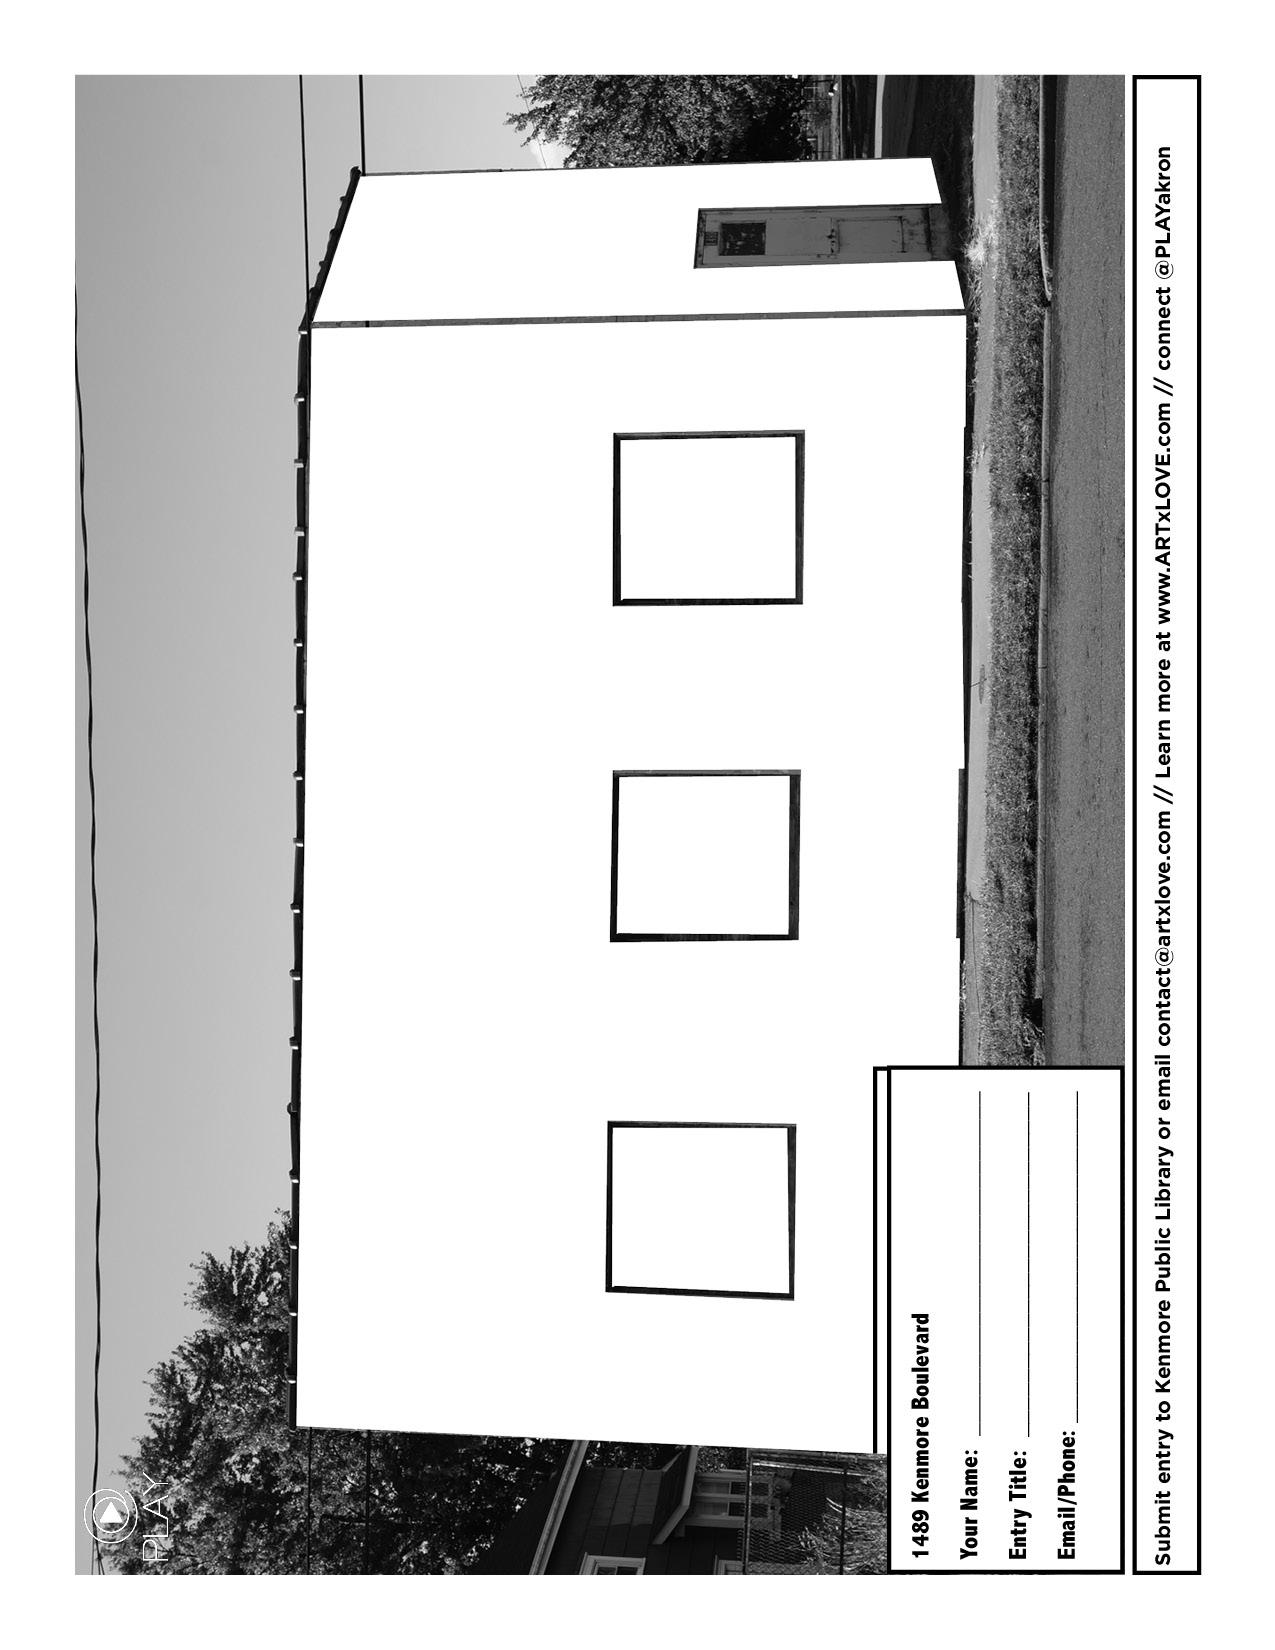 ARTxLOVE_Kenmore-Imagineer_coloring-book_final15.jpg